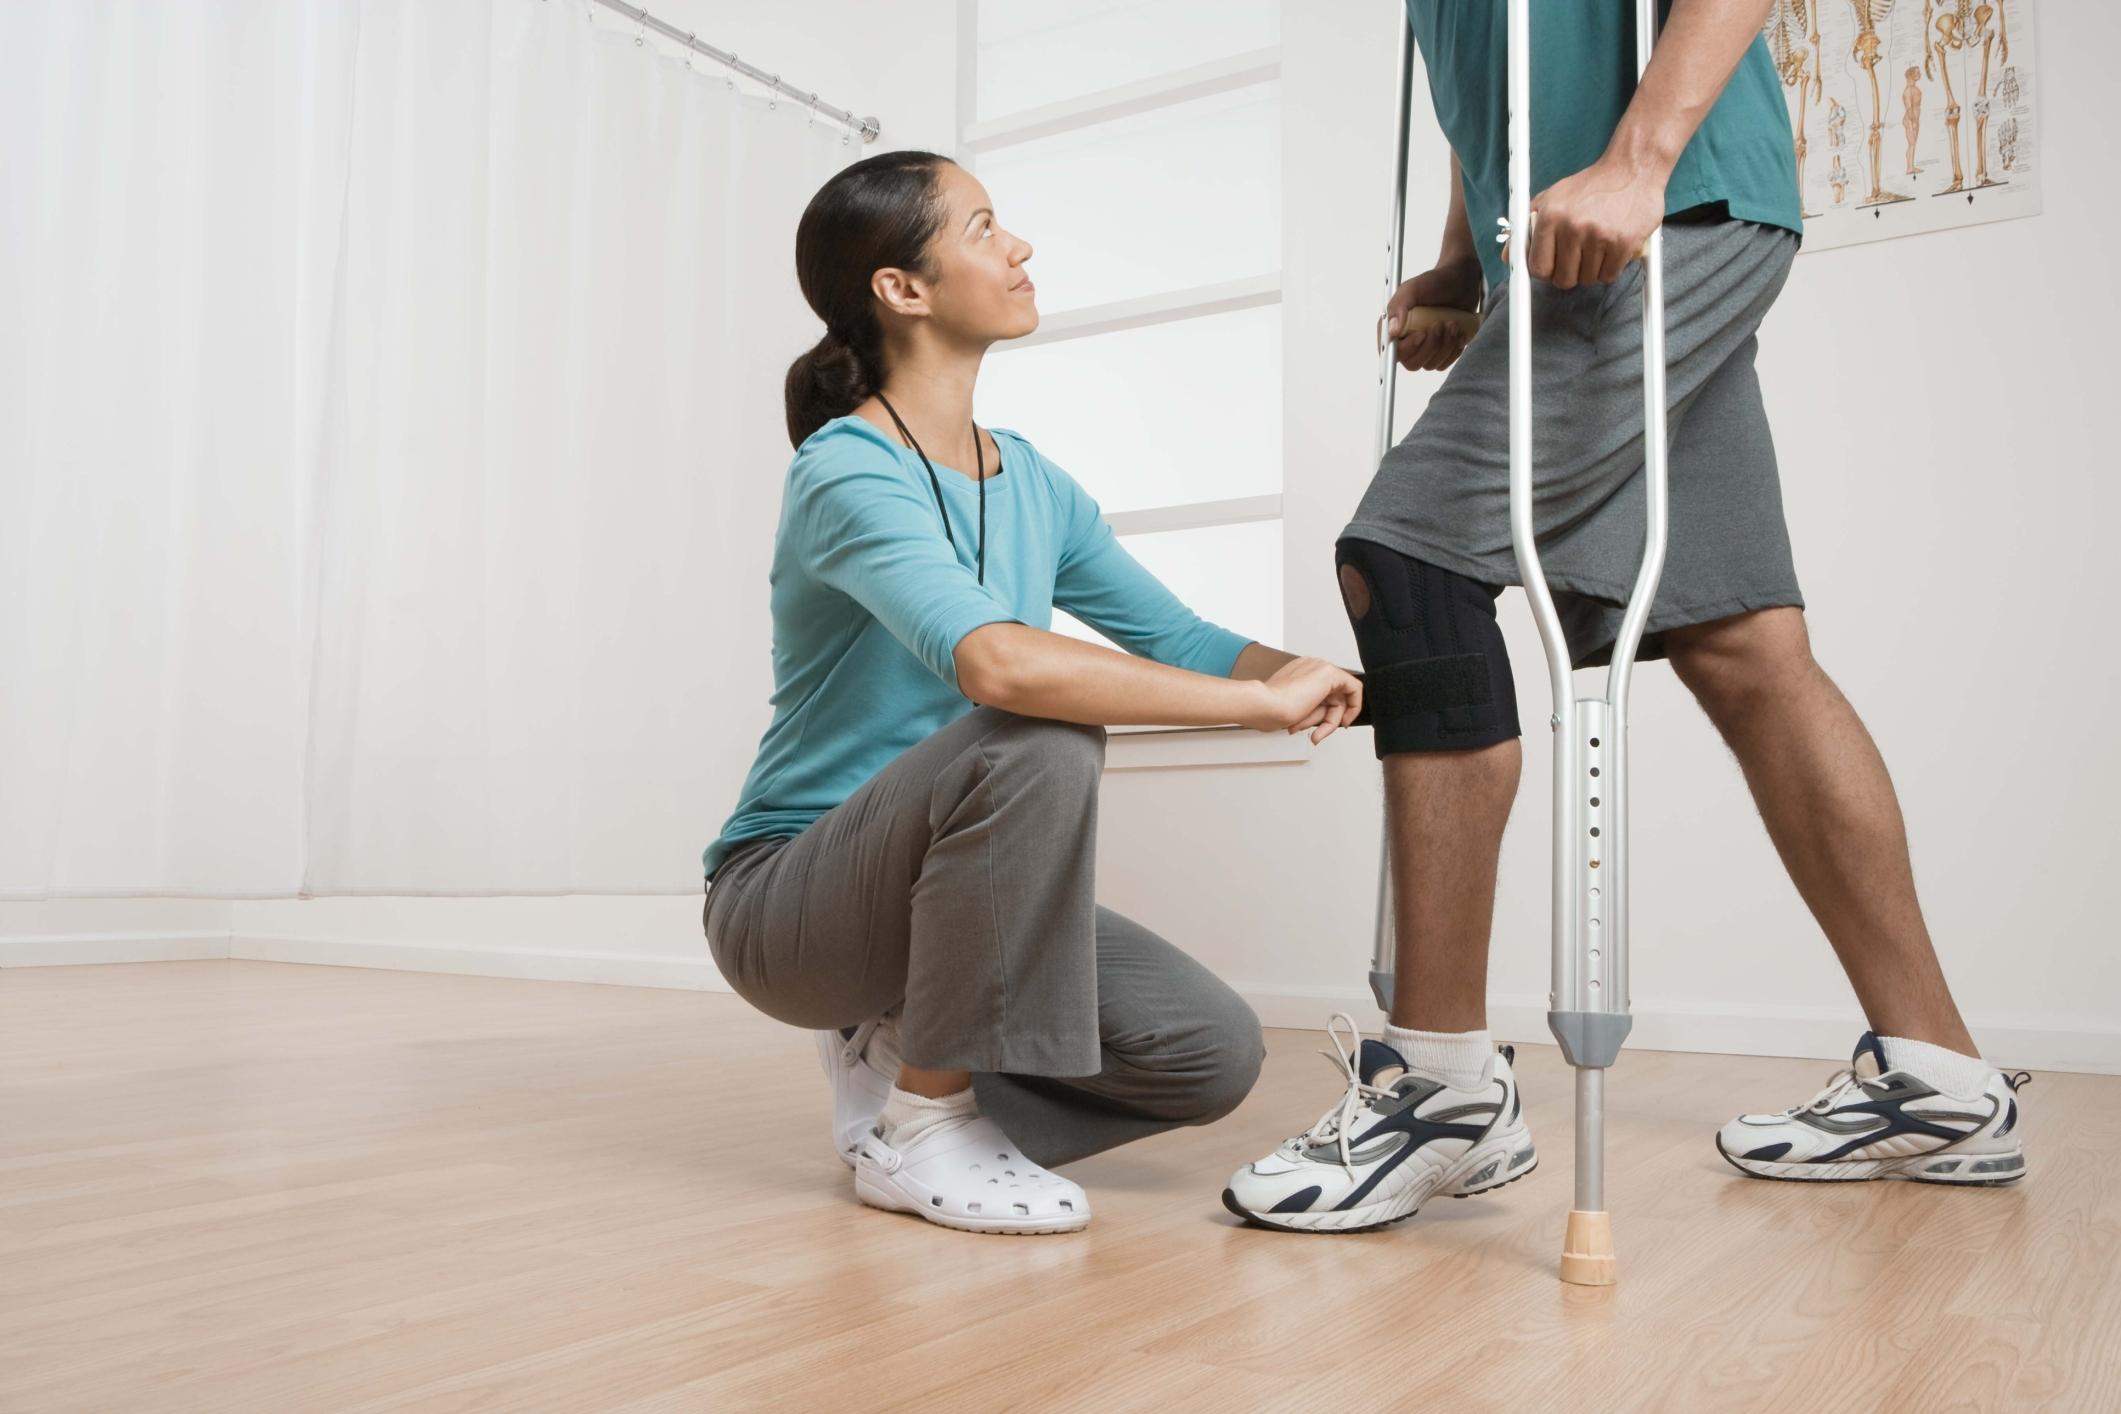 fysioterapi utdanning deltid